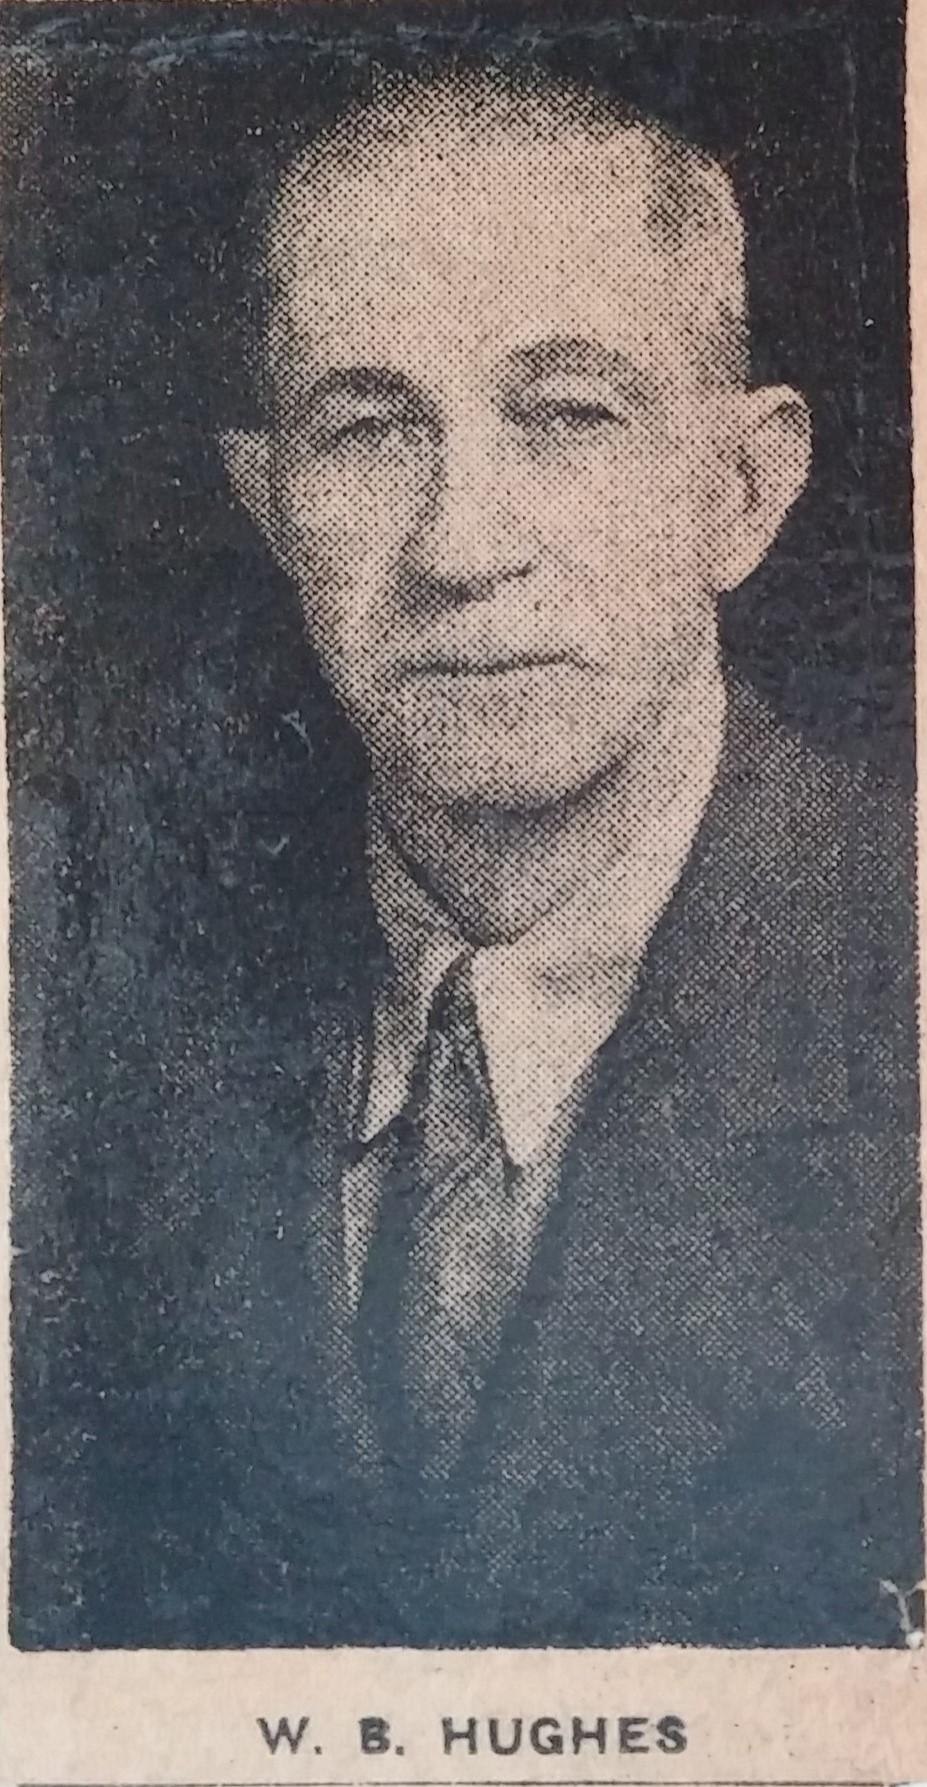 W. B. Hughes - 1940